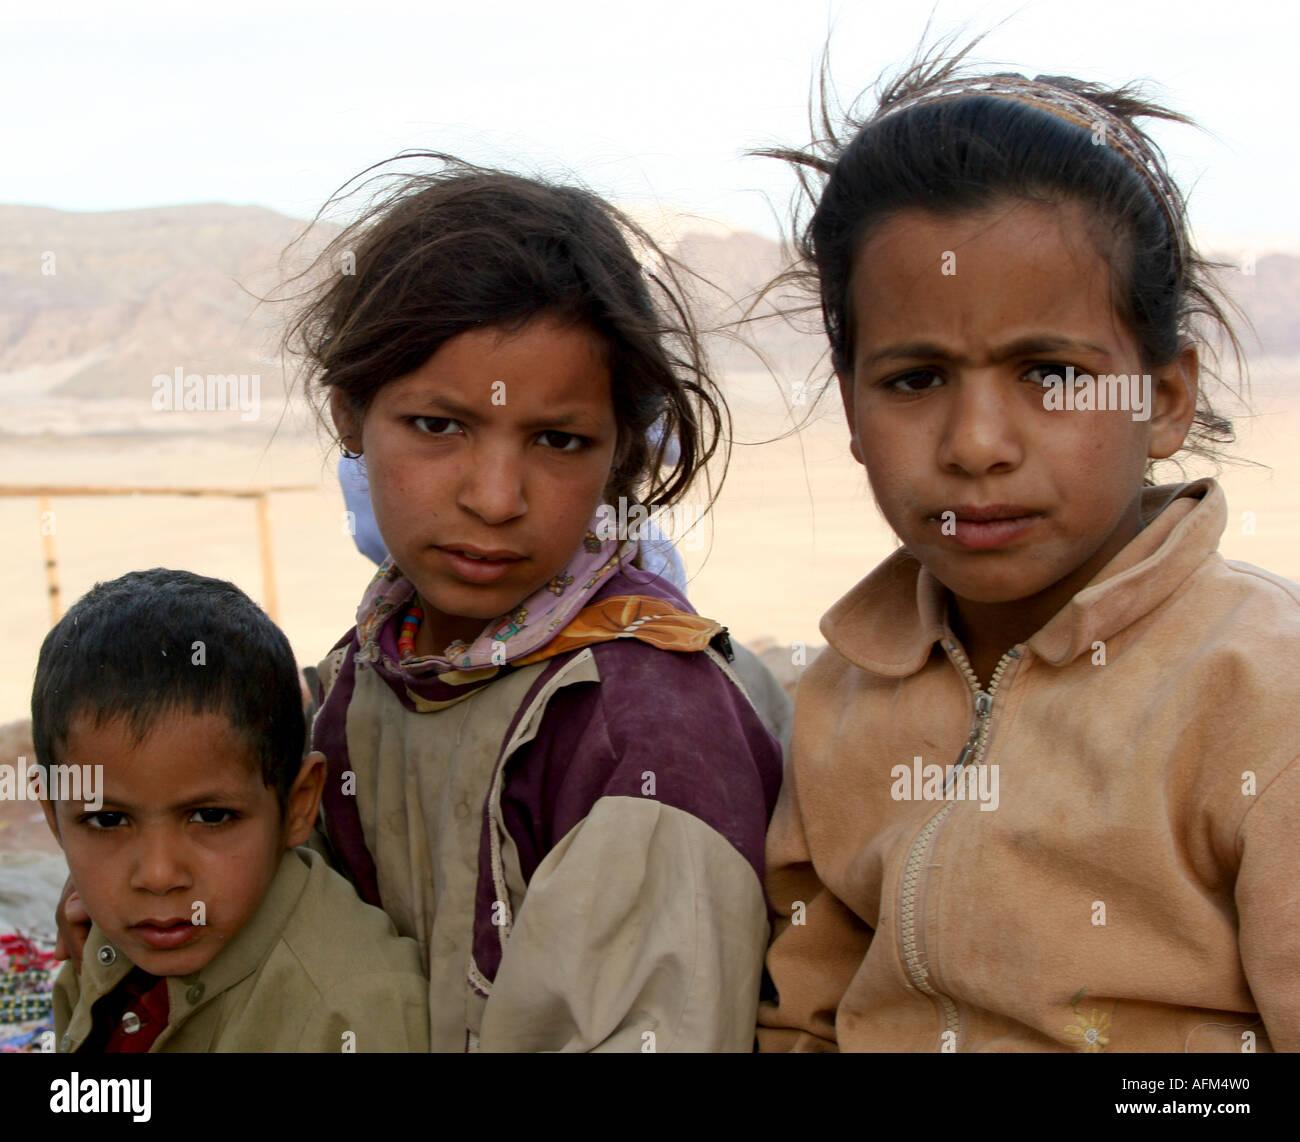 BEDOUIN CHILDREN - Stock Image